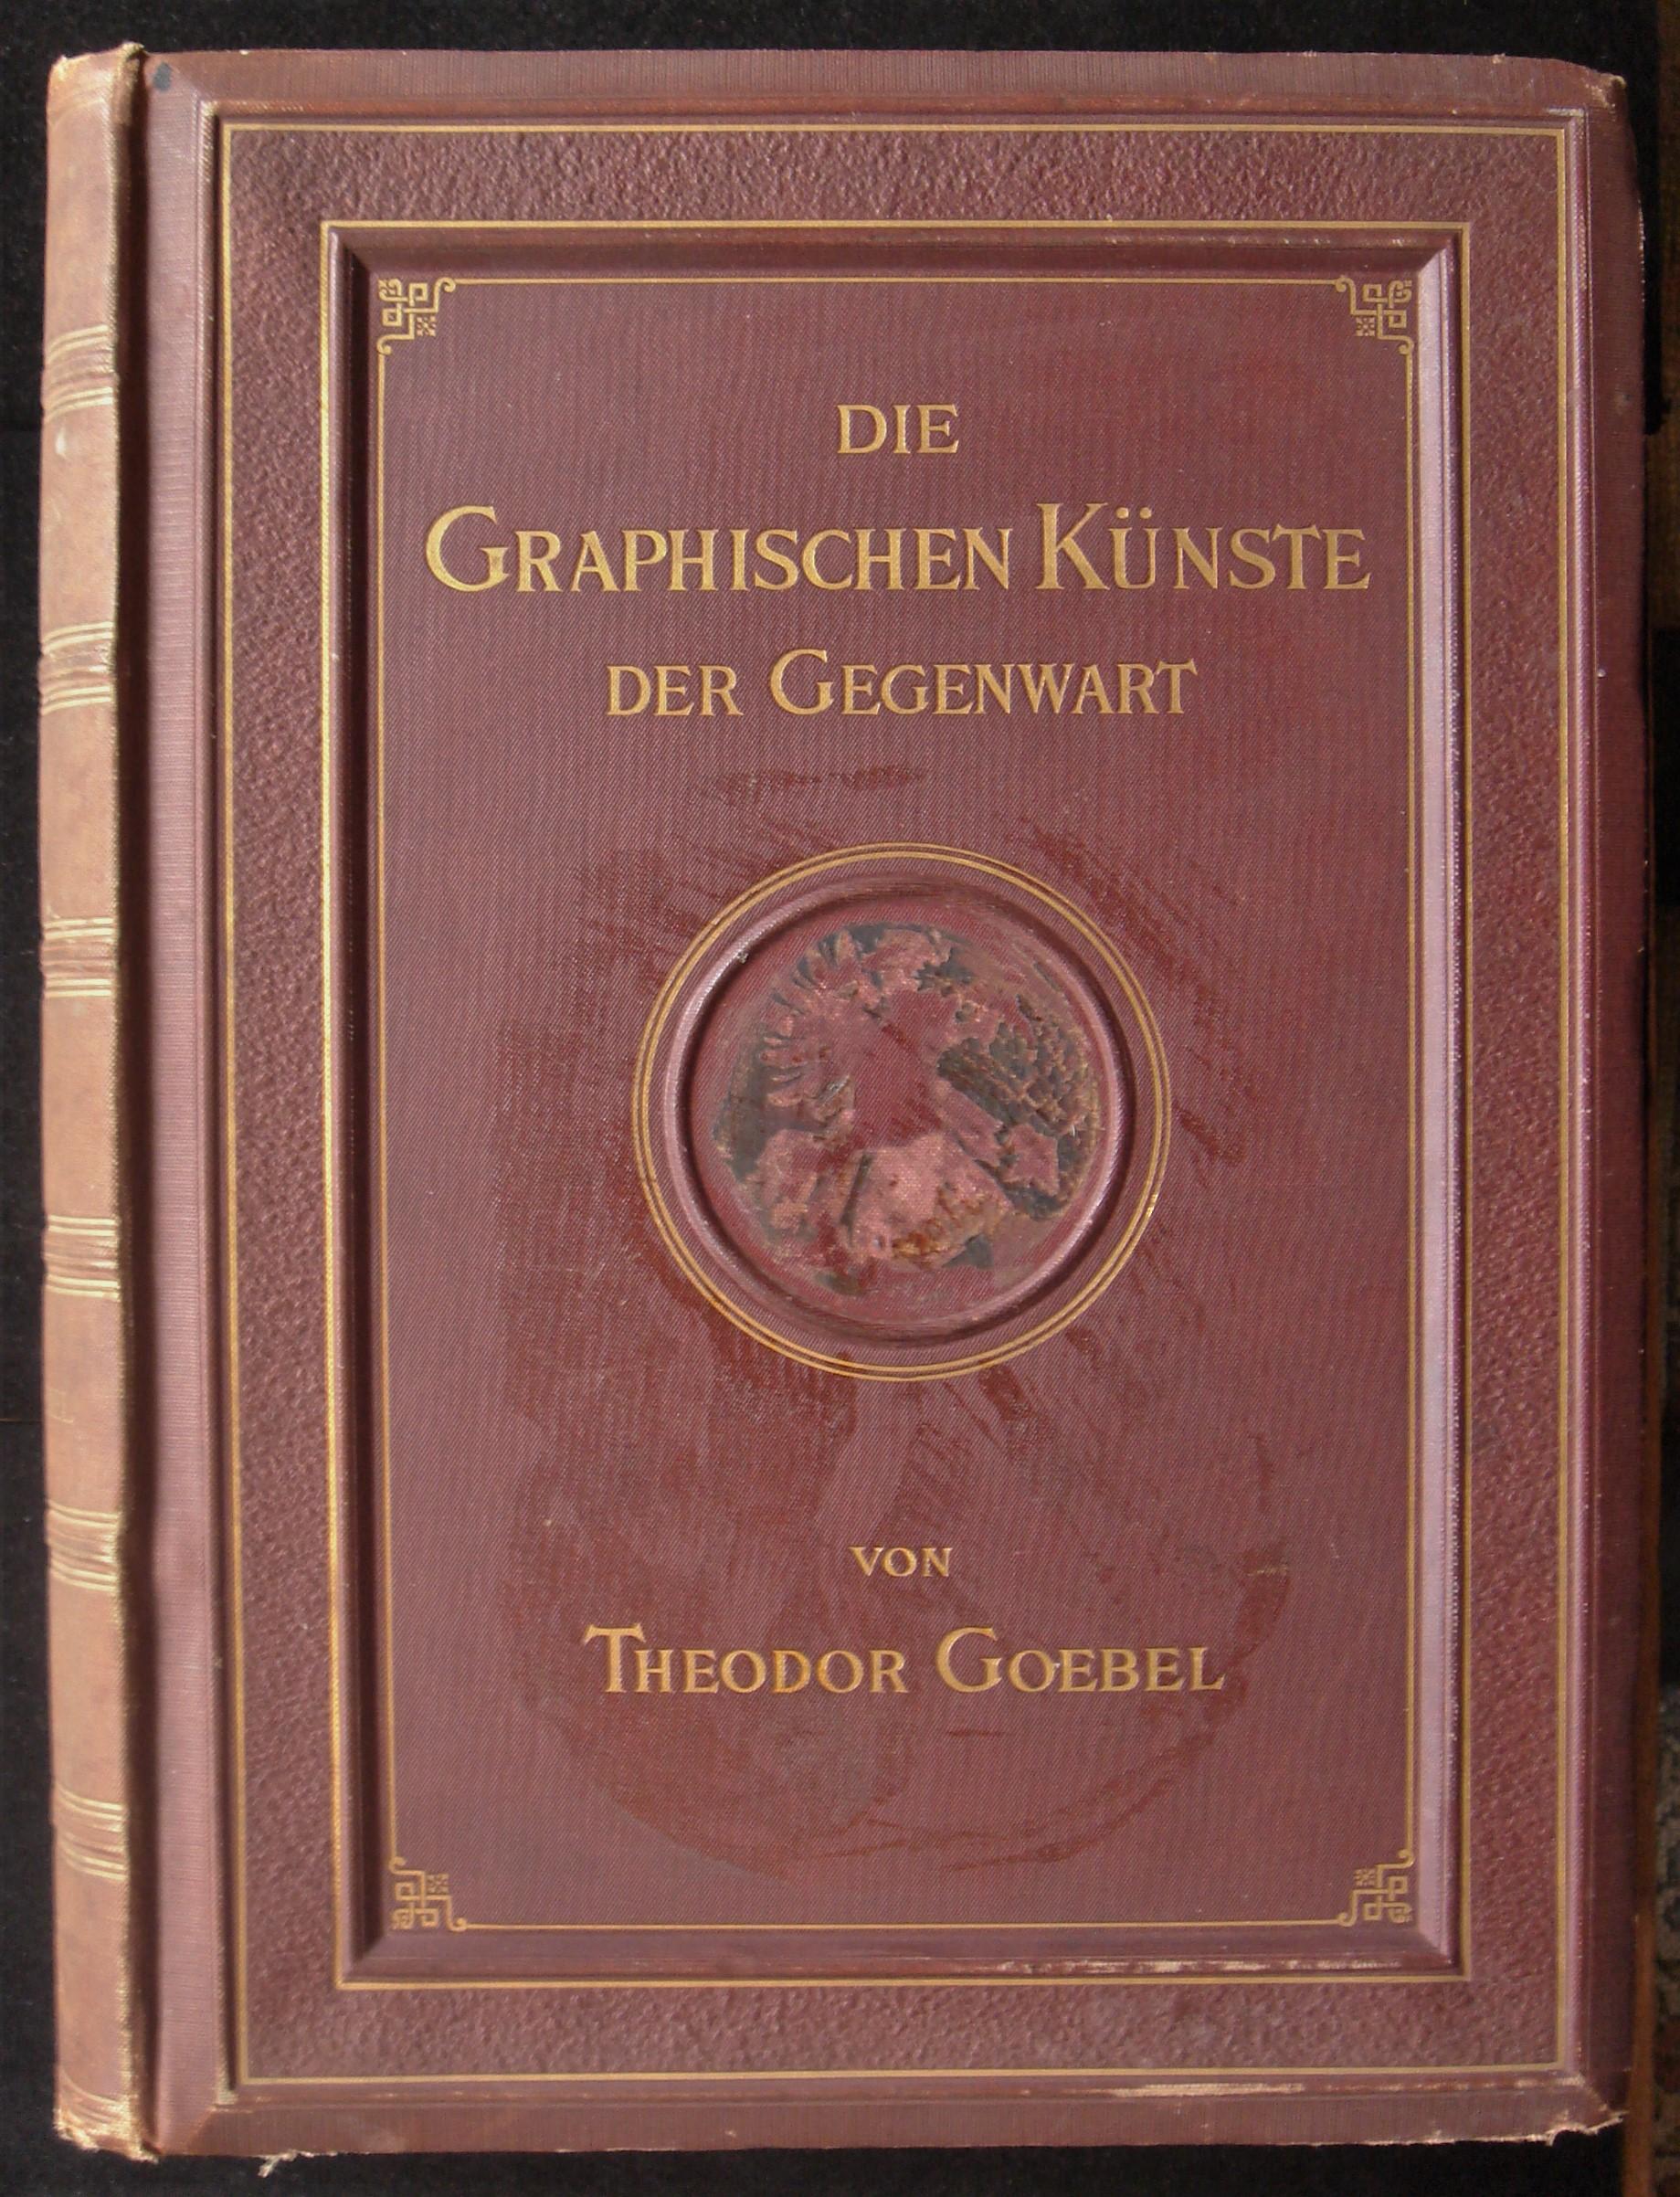 DIE GRAPHISCHEN KUNSTE DER GEGENWART, by Theodor Goebel - 1895 [1st Ed]